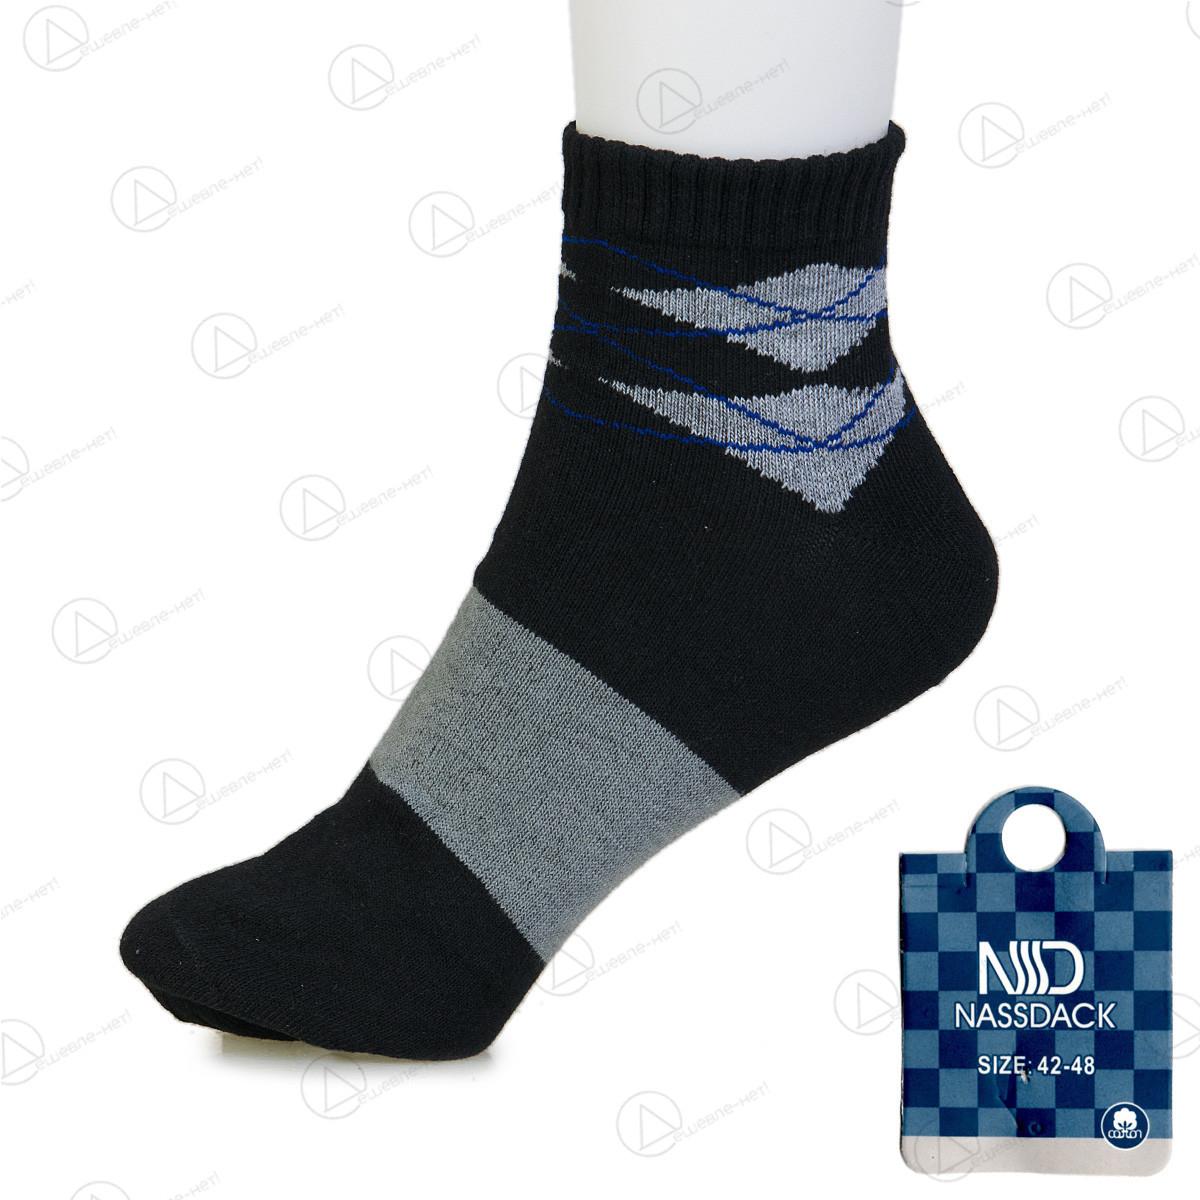 Разноцветные носки Китай Nassdack 1004-6drn